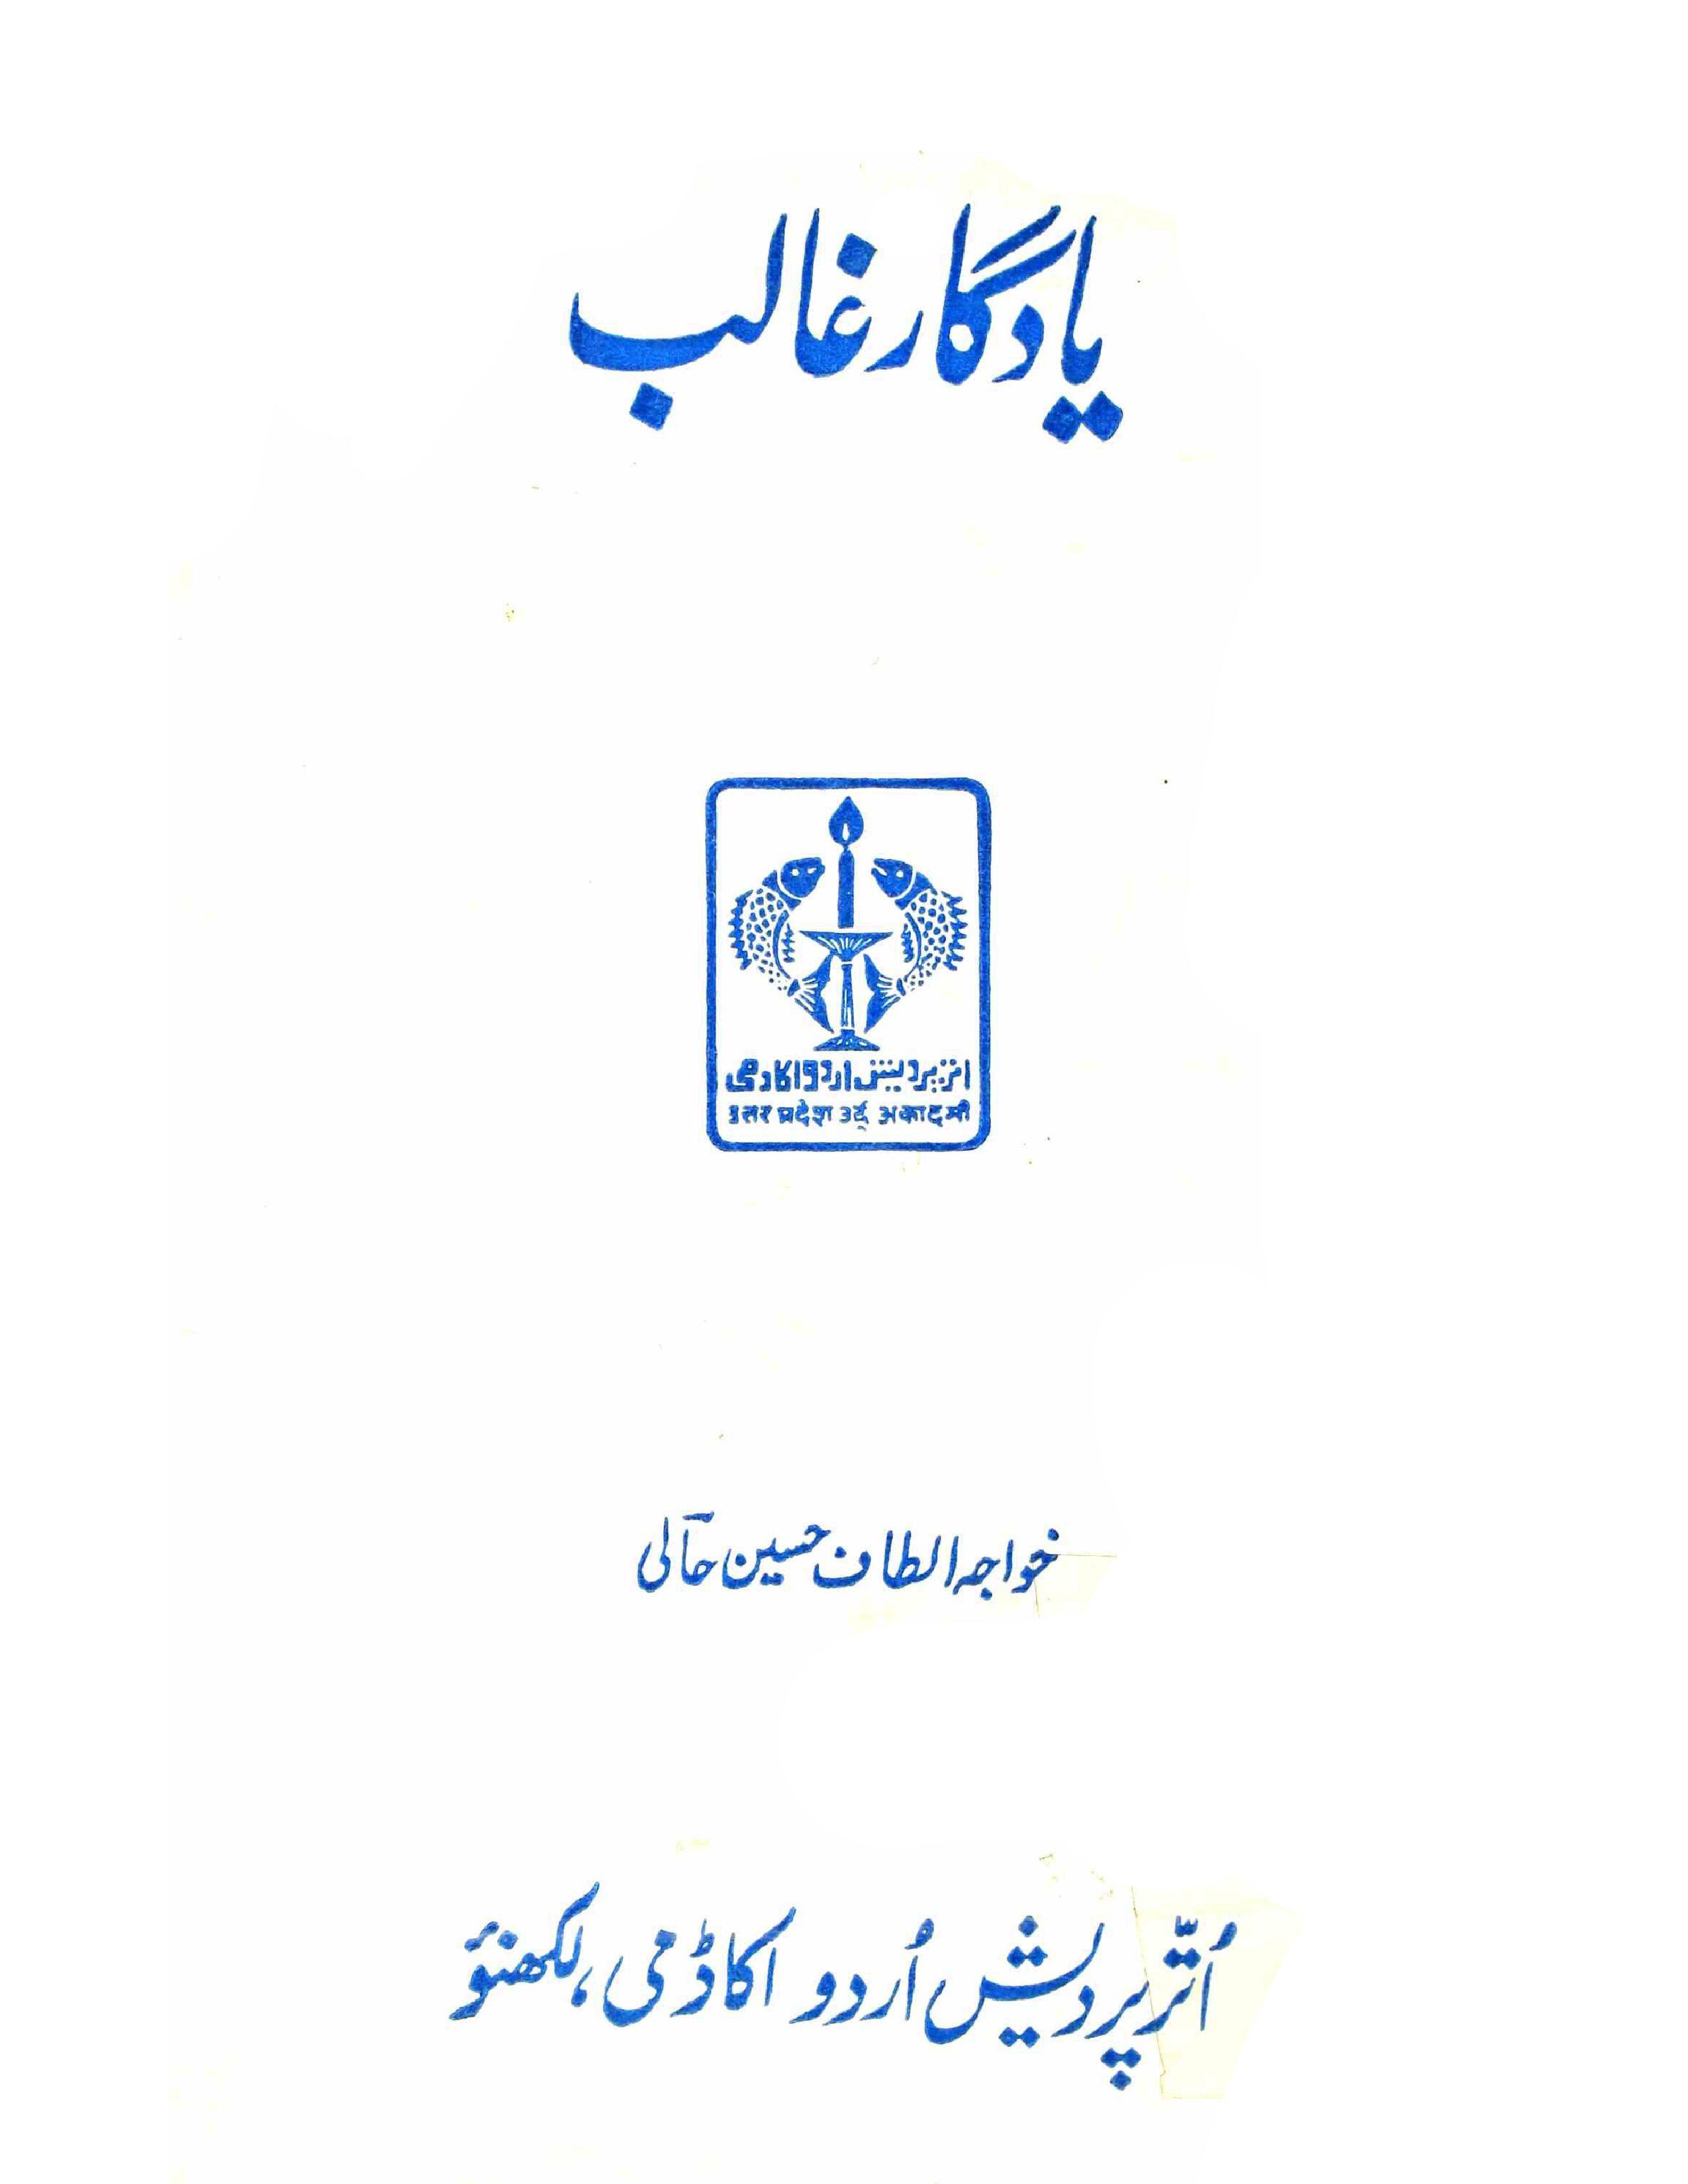 Yaadgaar-e-Ghalib